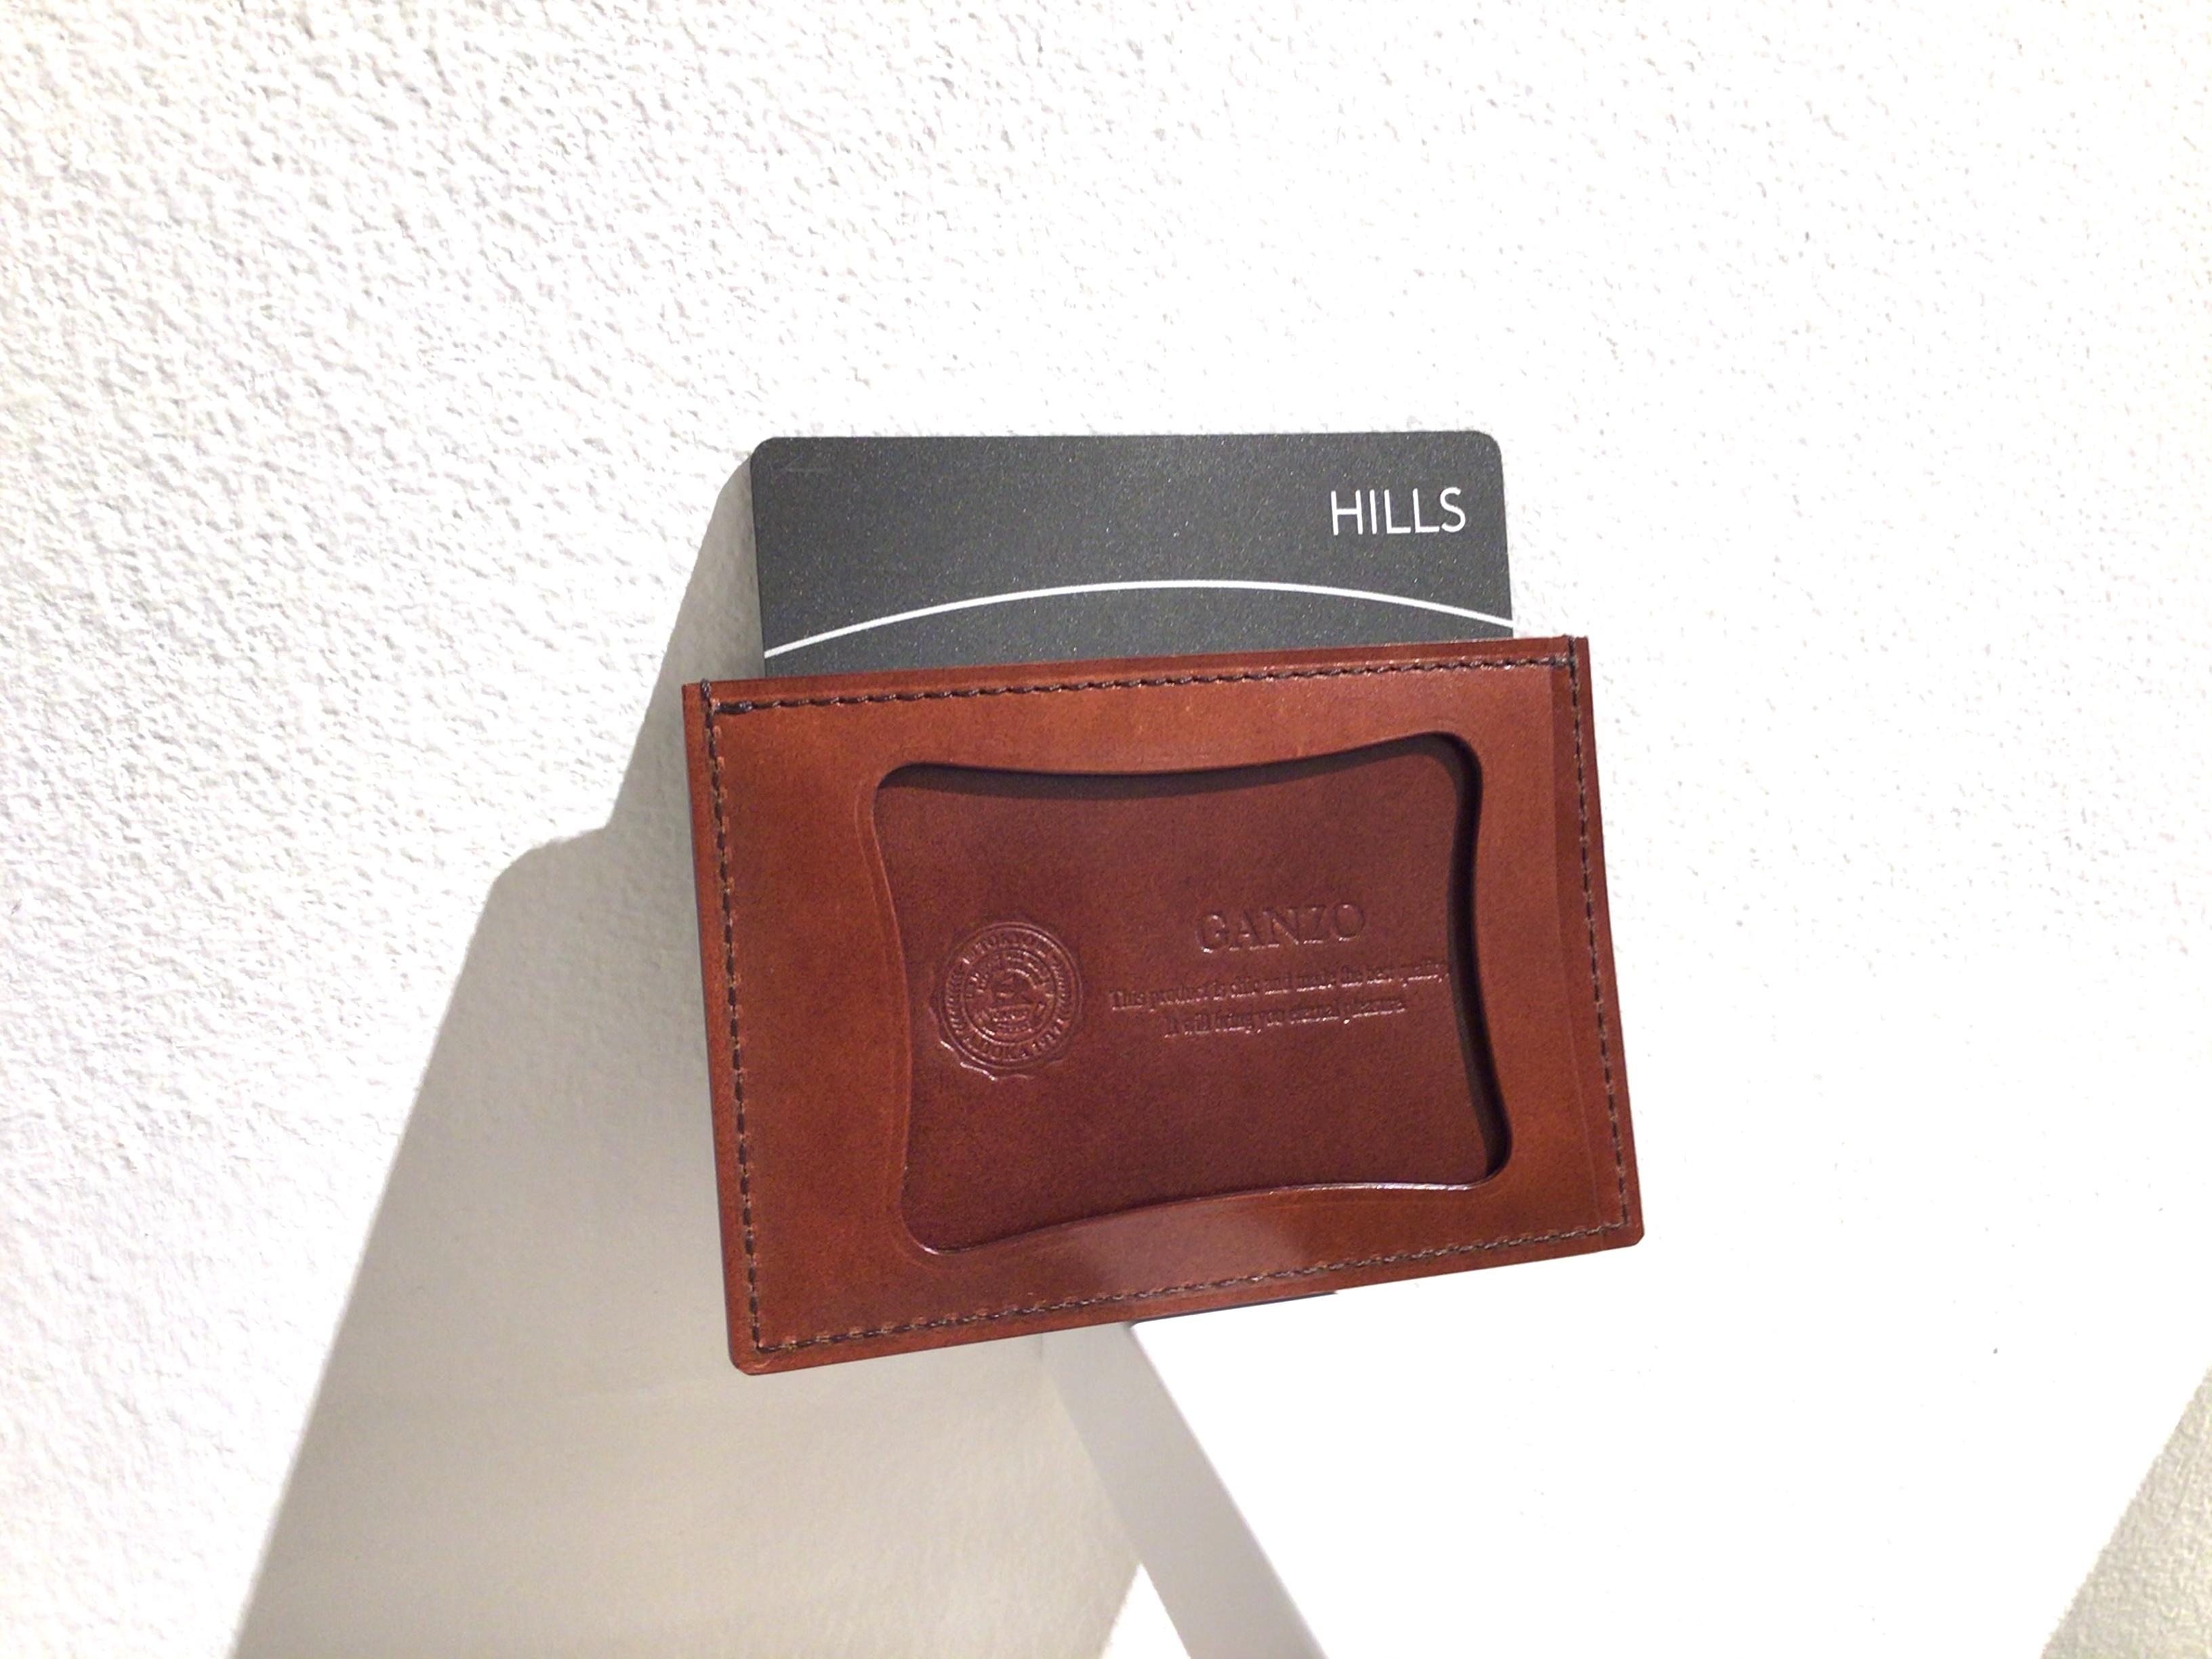 HILLS CARDポイントキャンペーン